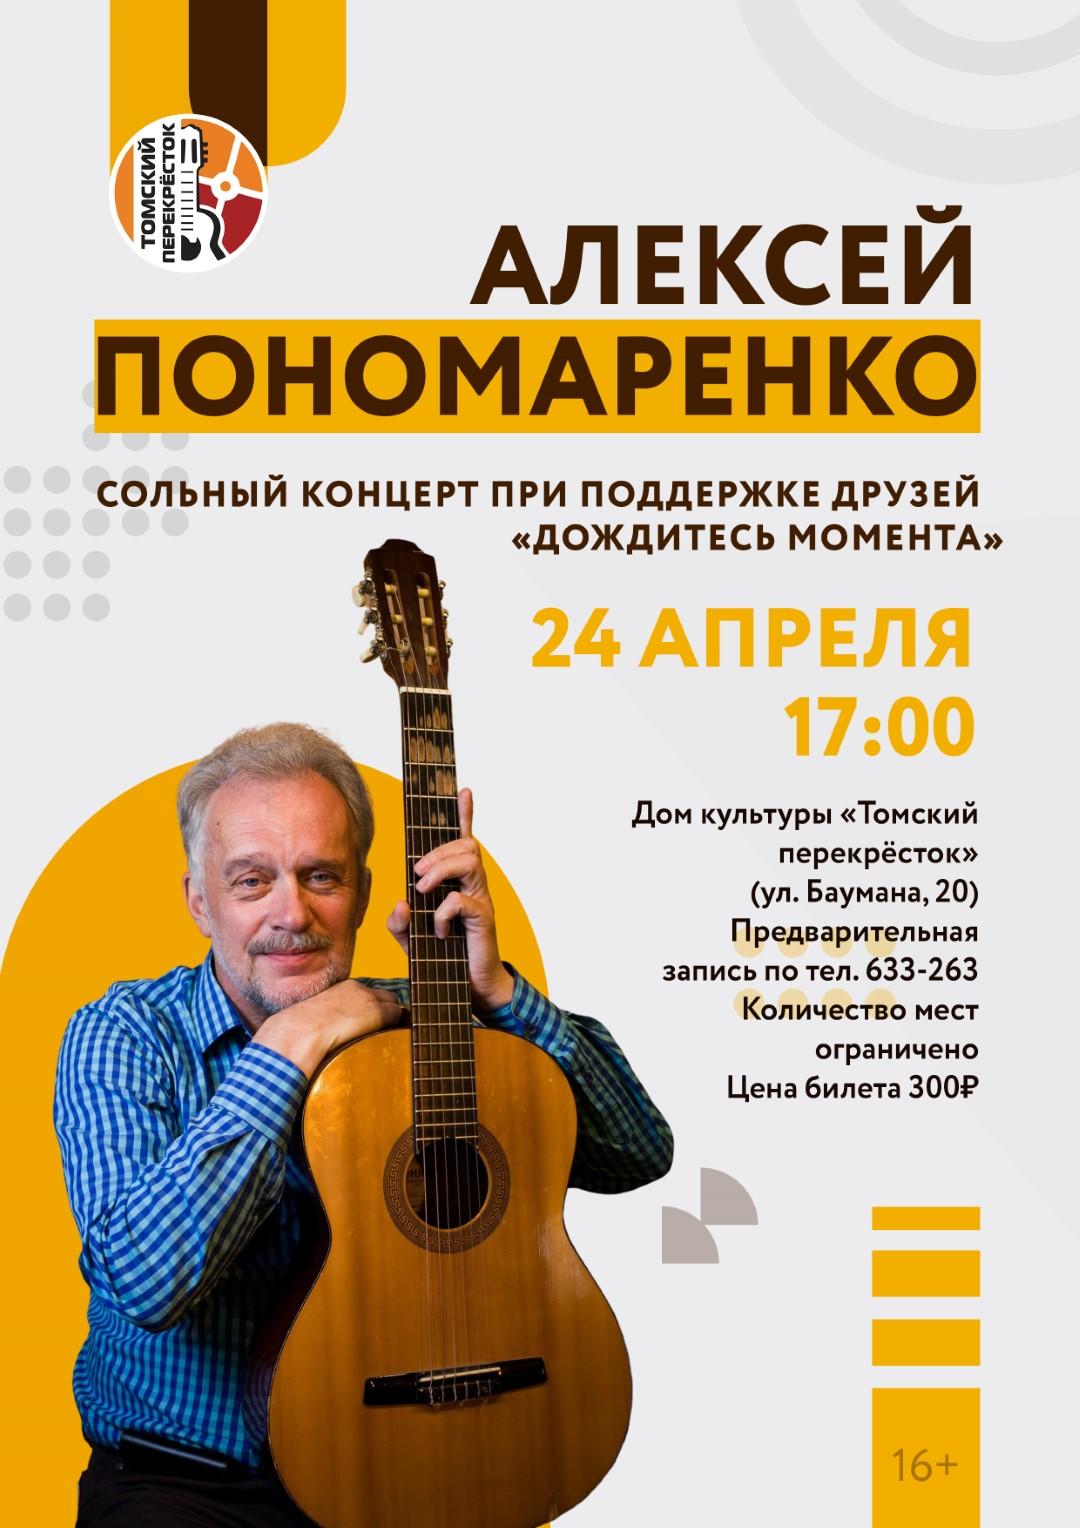 афиша Алексея Пономаренко